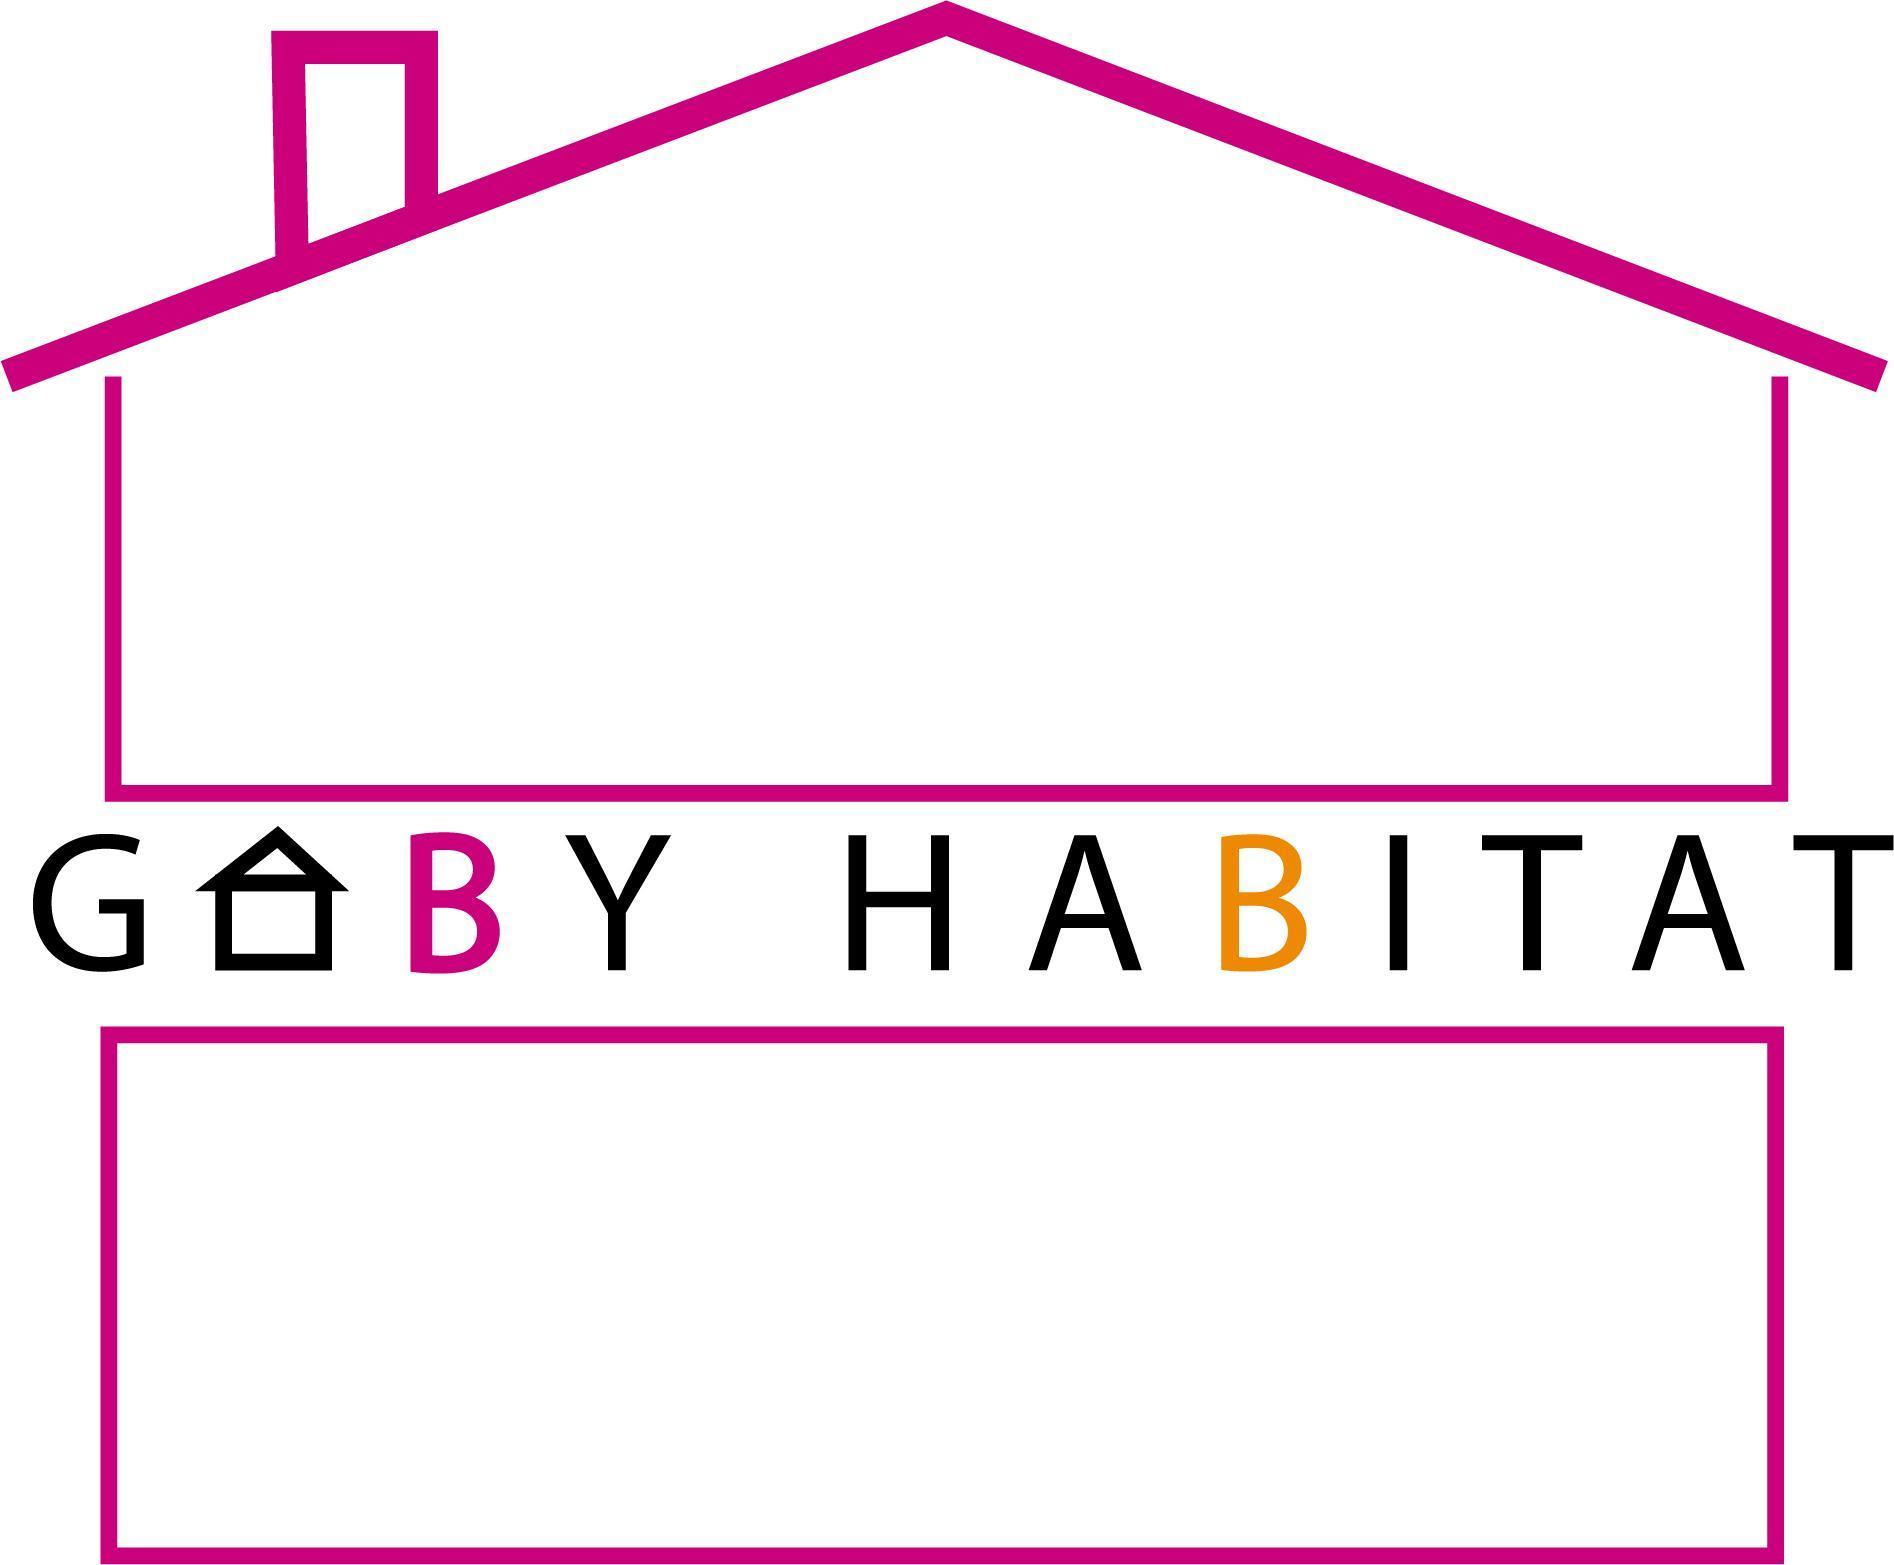 GABY HABITAT agence immobilière Confrançon (01310)